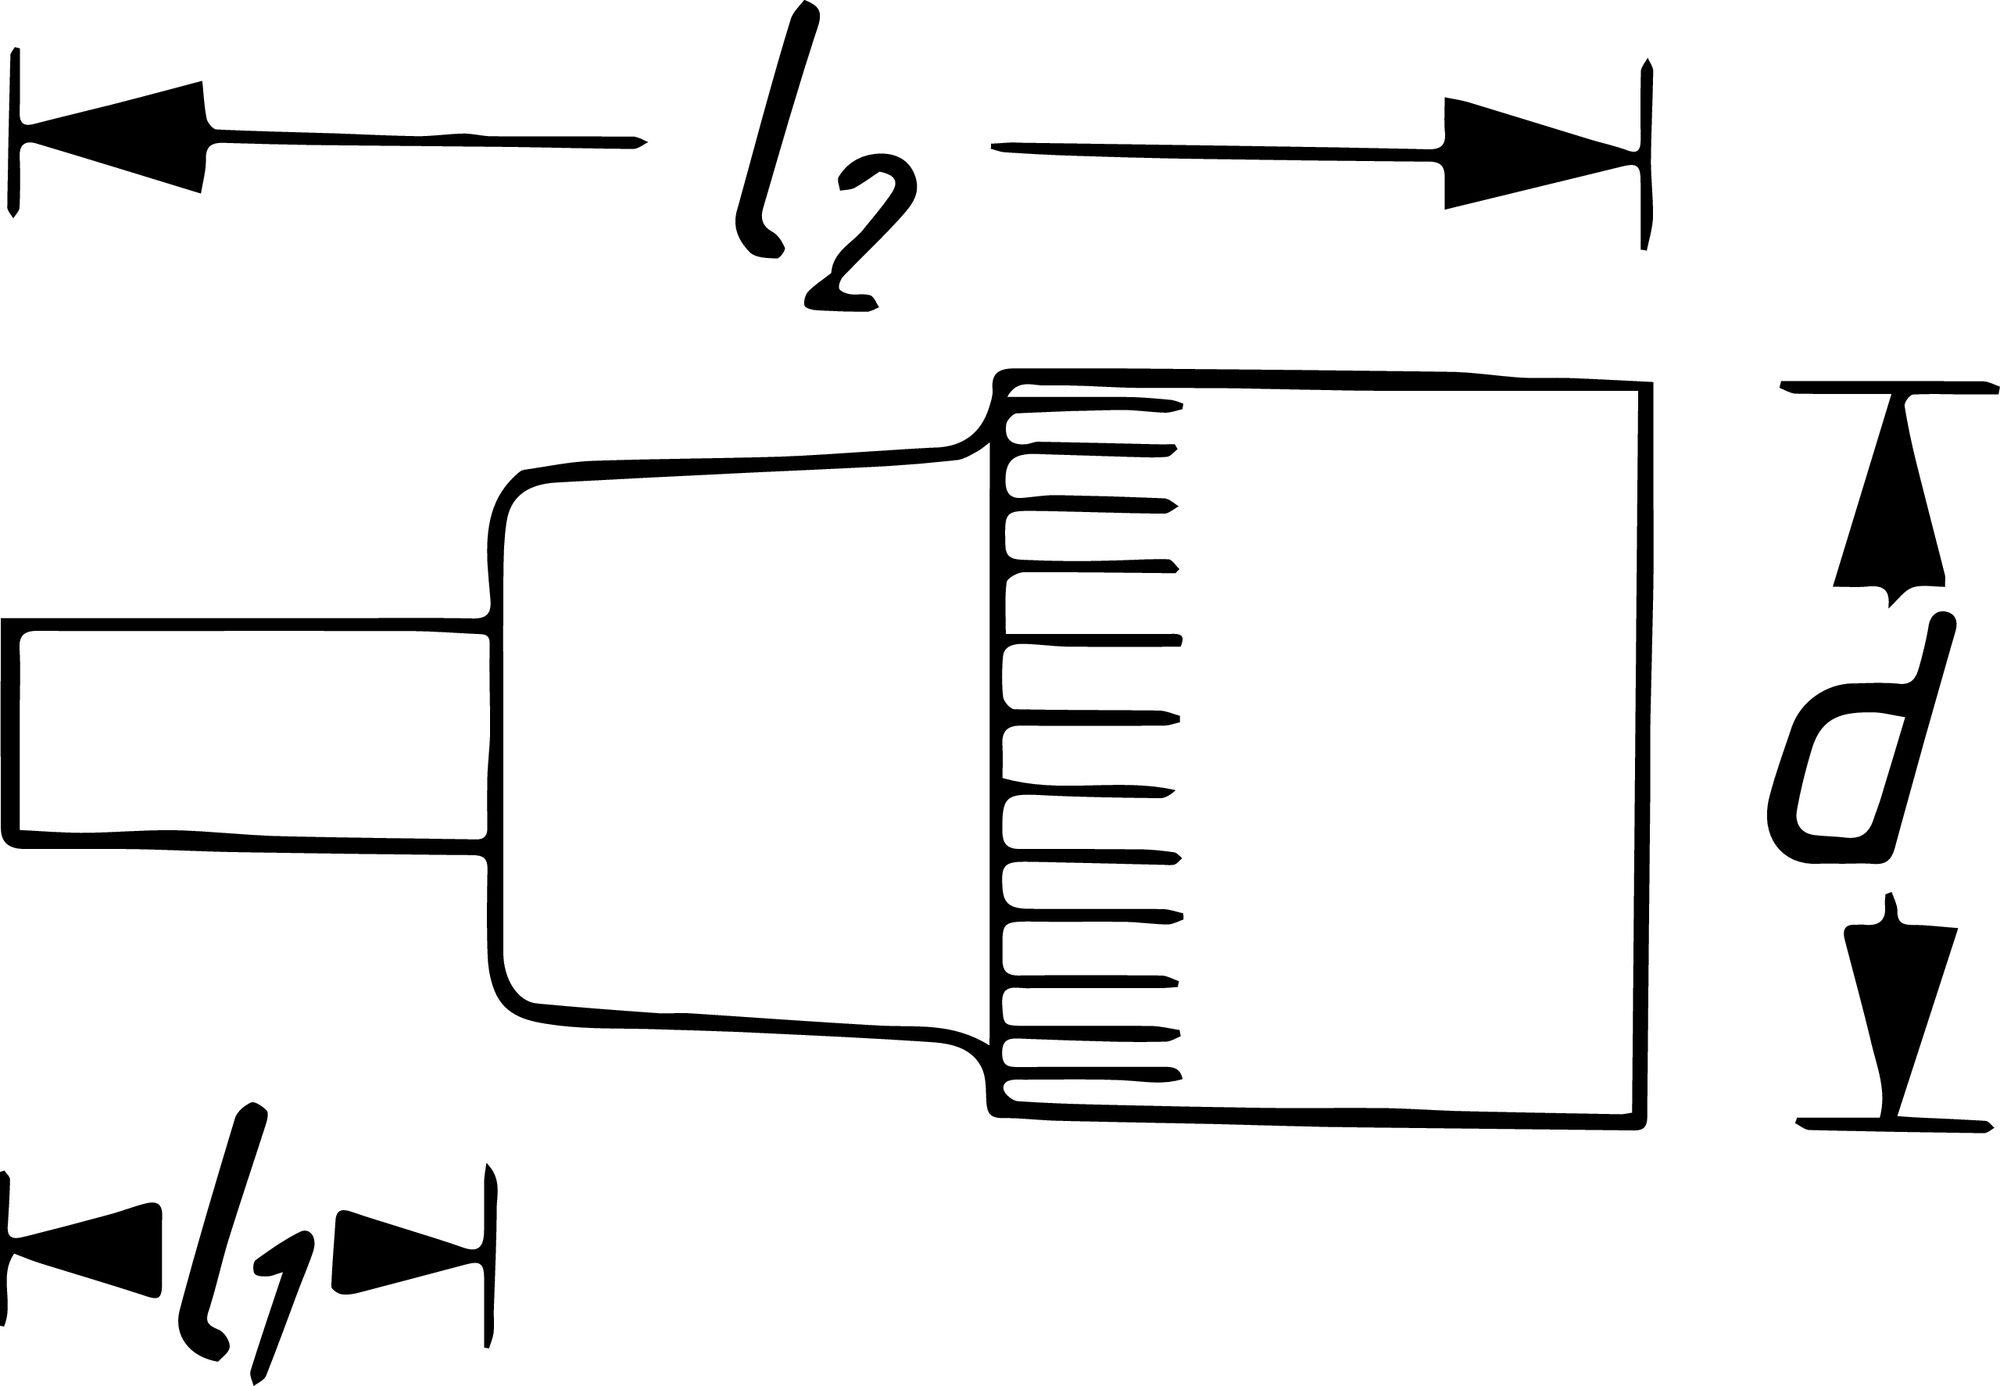 HAZET Steckschlüsseleinsatz ∙ Sechskant ∙ schutzisoliert 900KV-10 ∙ Vierkant hohl 12,5 mm (1/2 Zoll) ∙ 10 mm